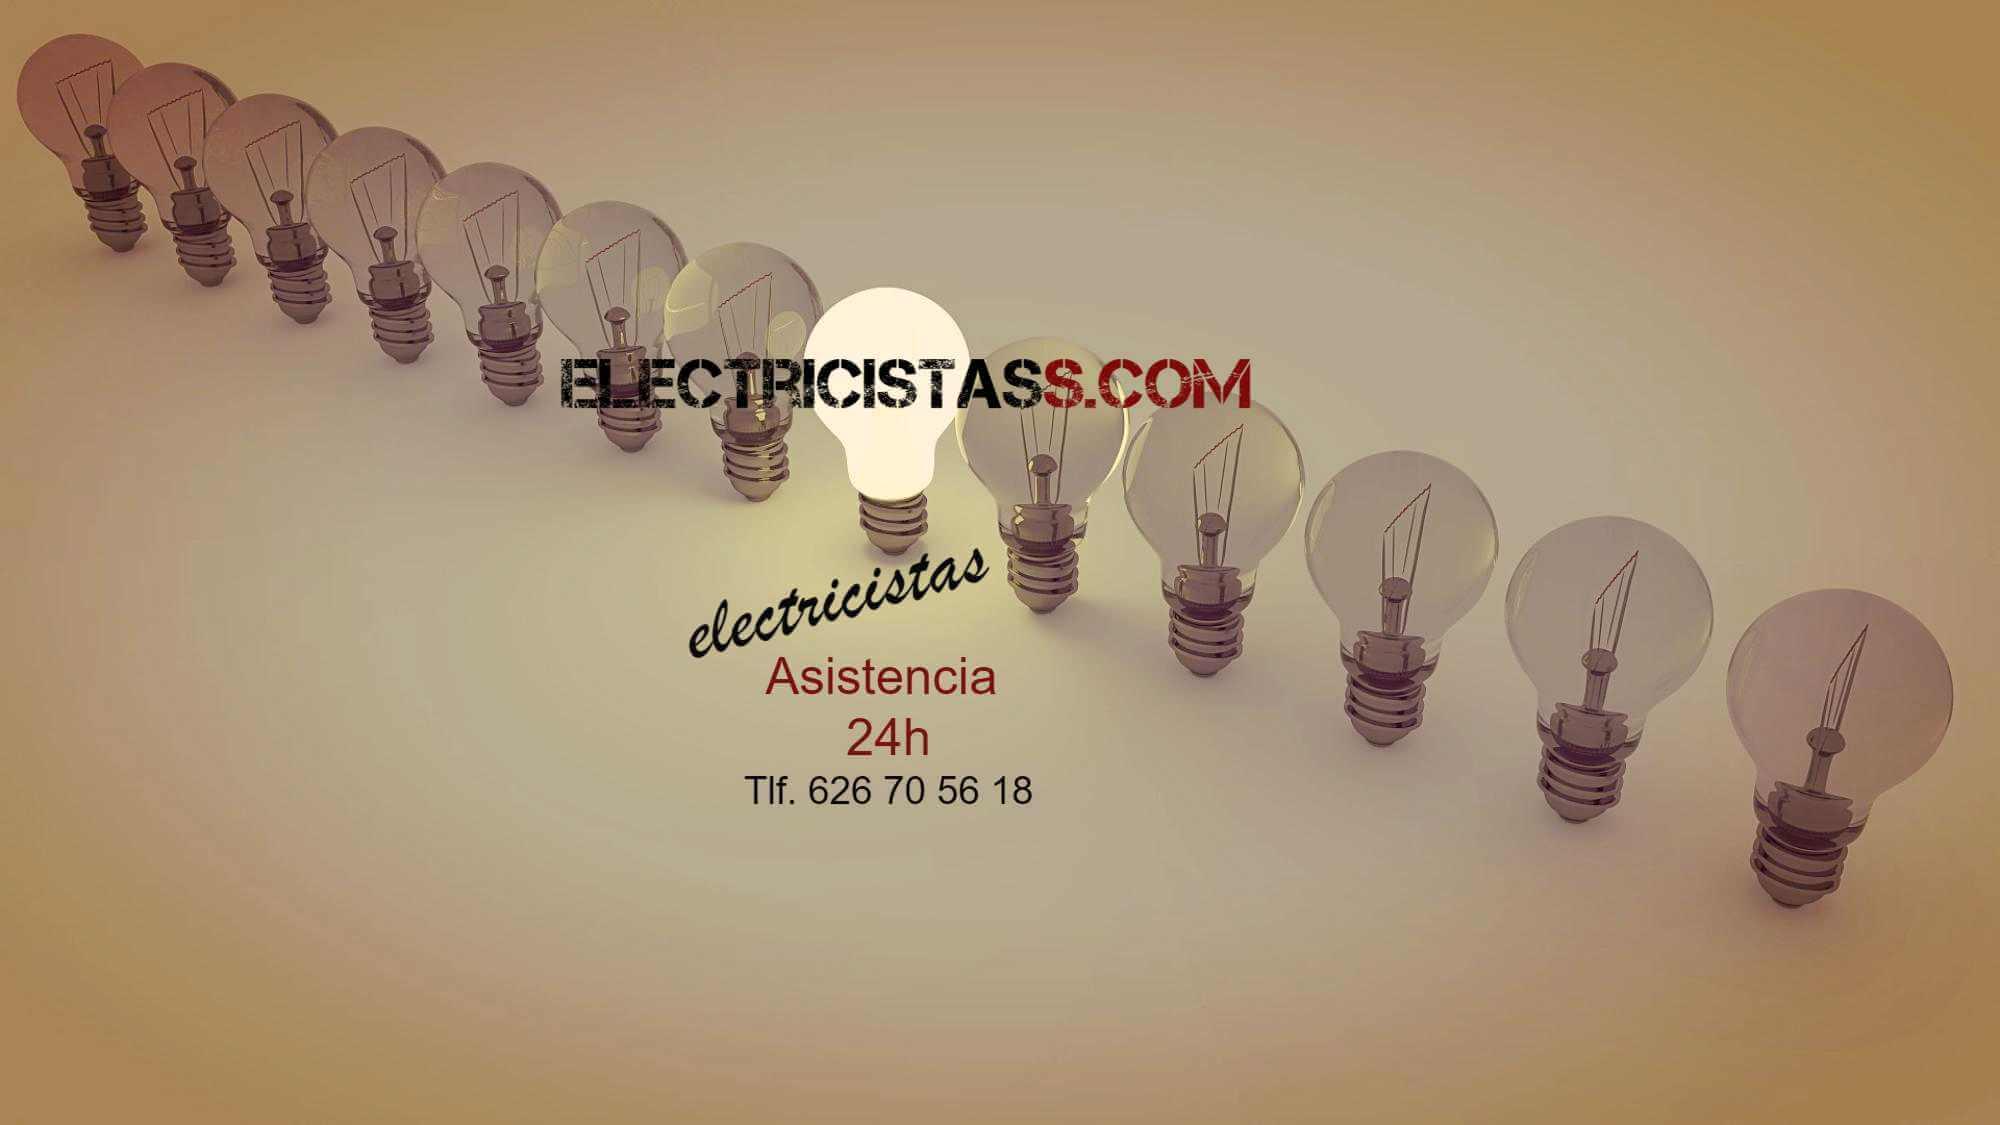 Las Mejores Empresas de Electricistas en Madrid LosMejoresDeMadrid ® 8